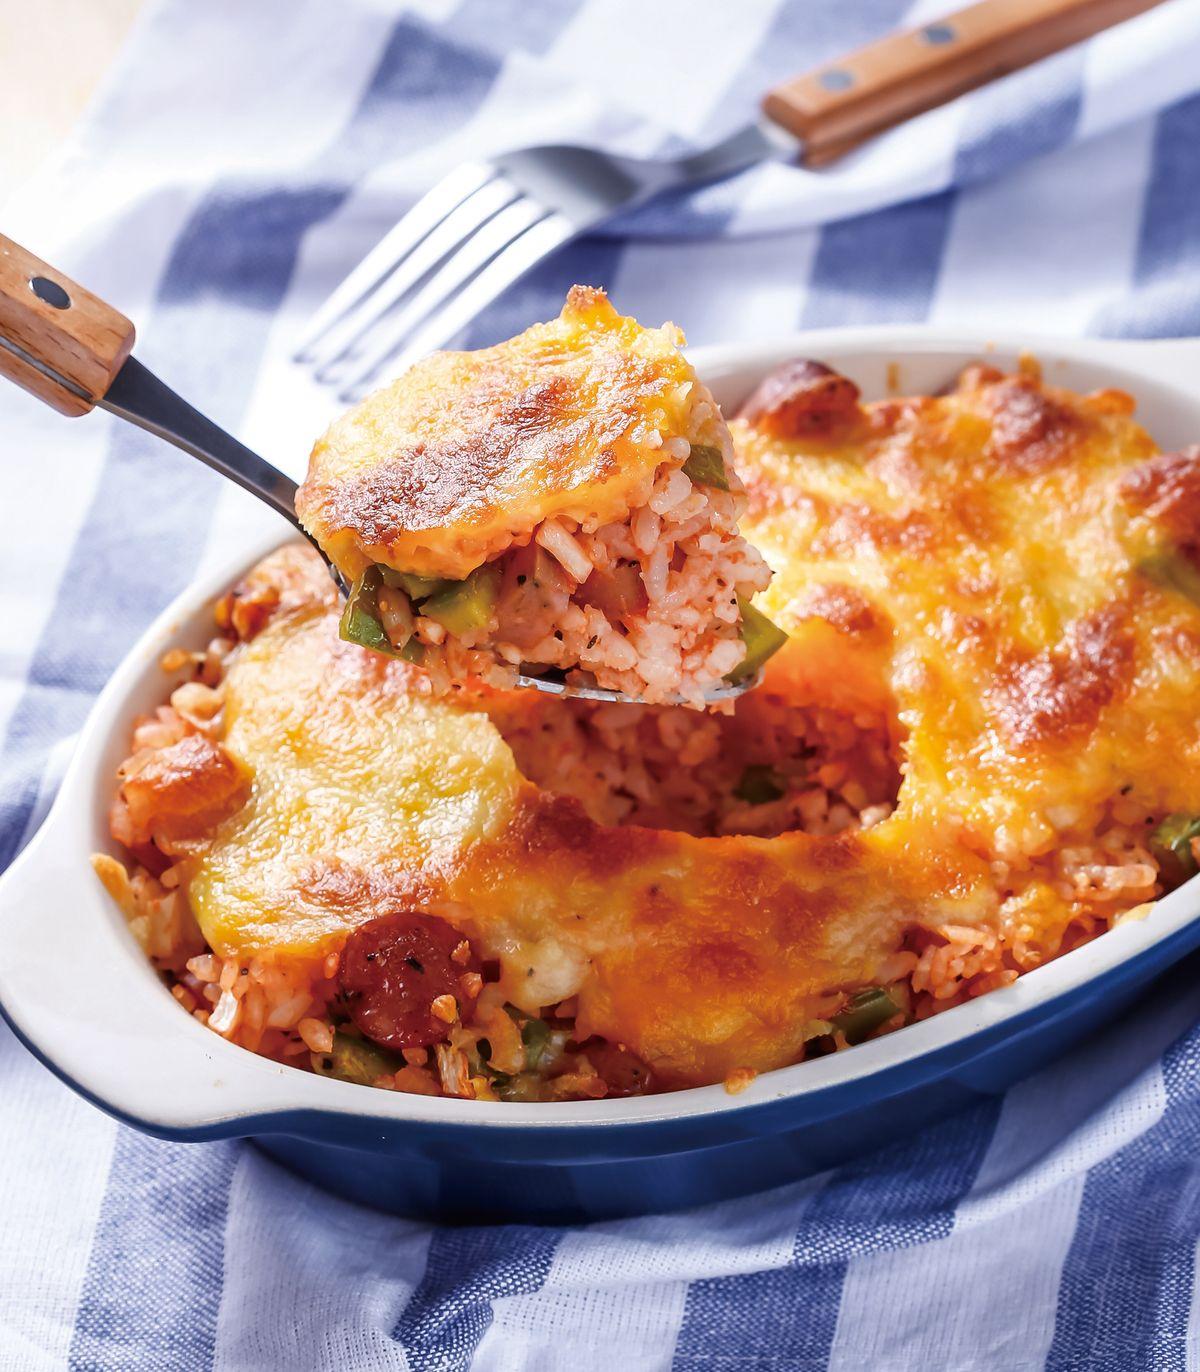 食譜:茄醬香腸起司焗飯